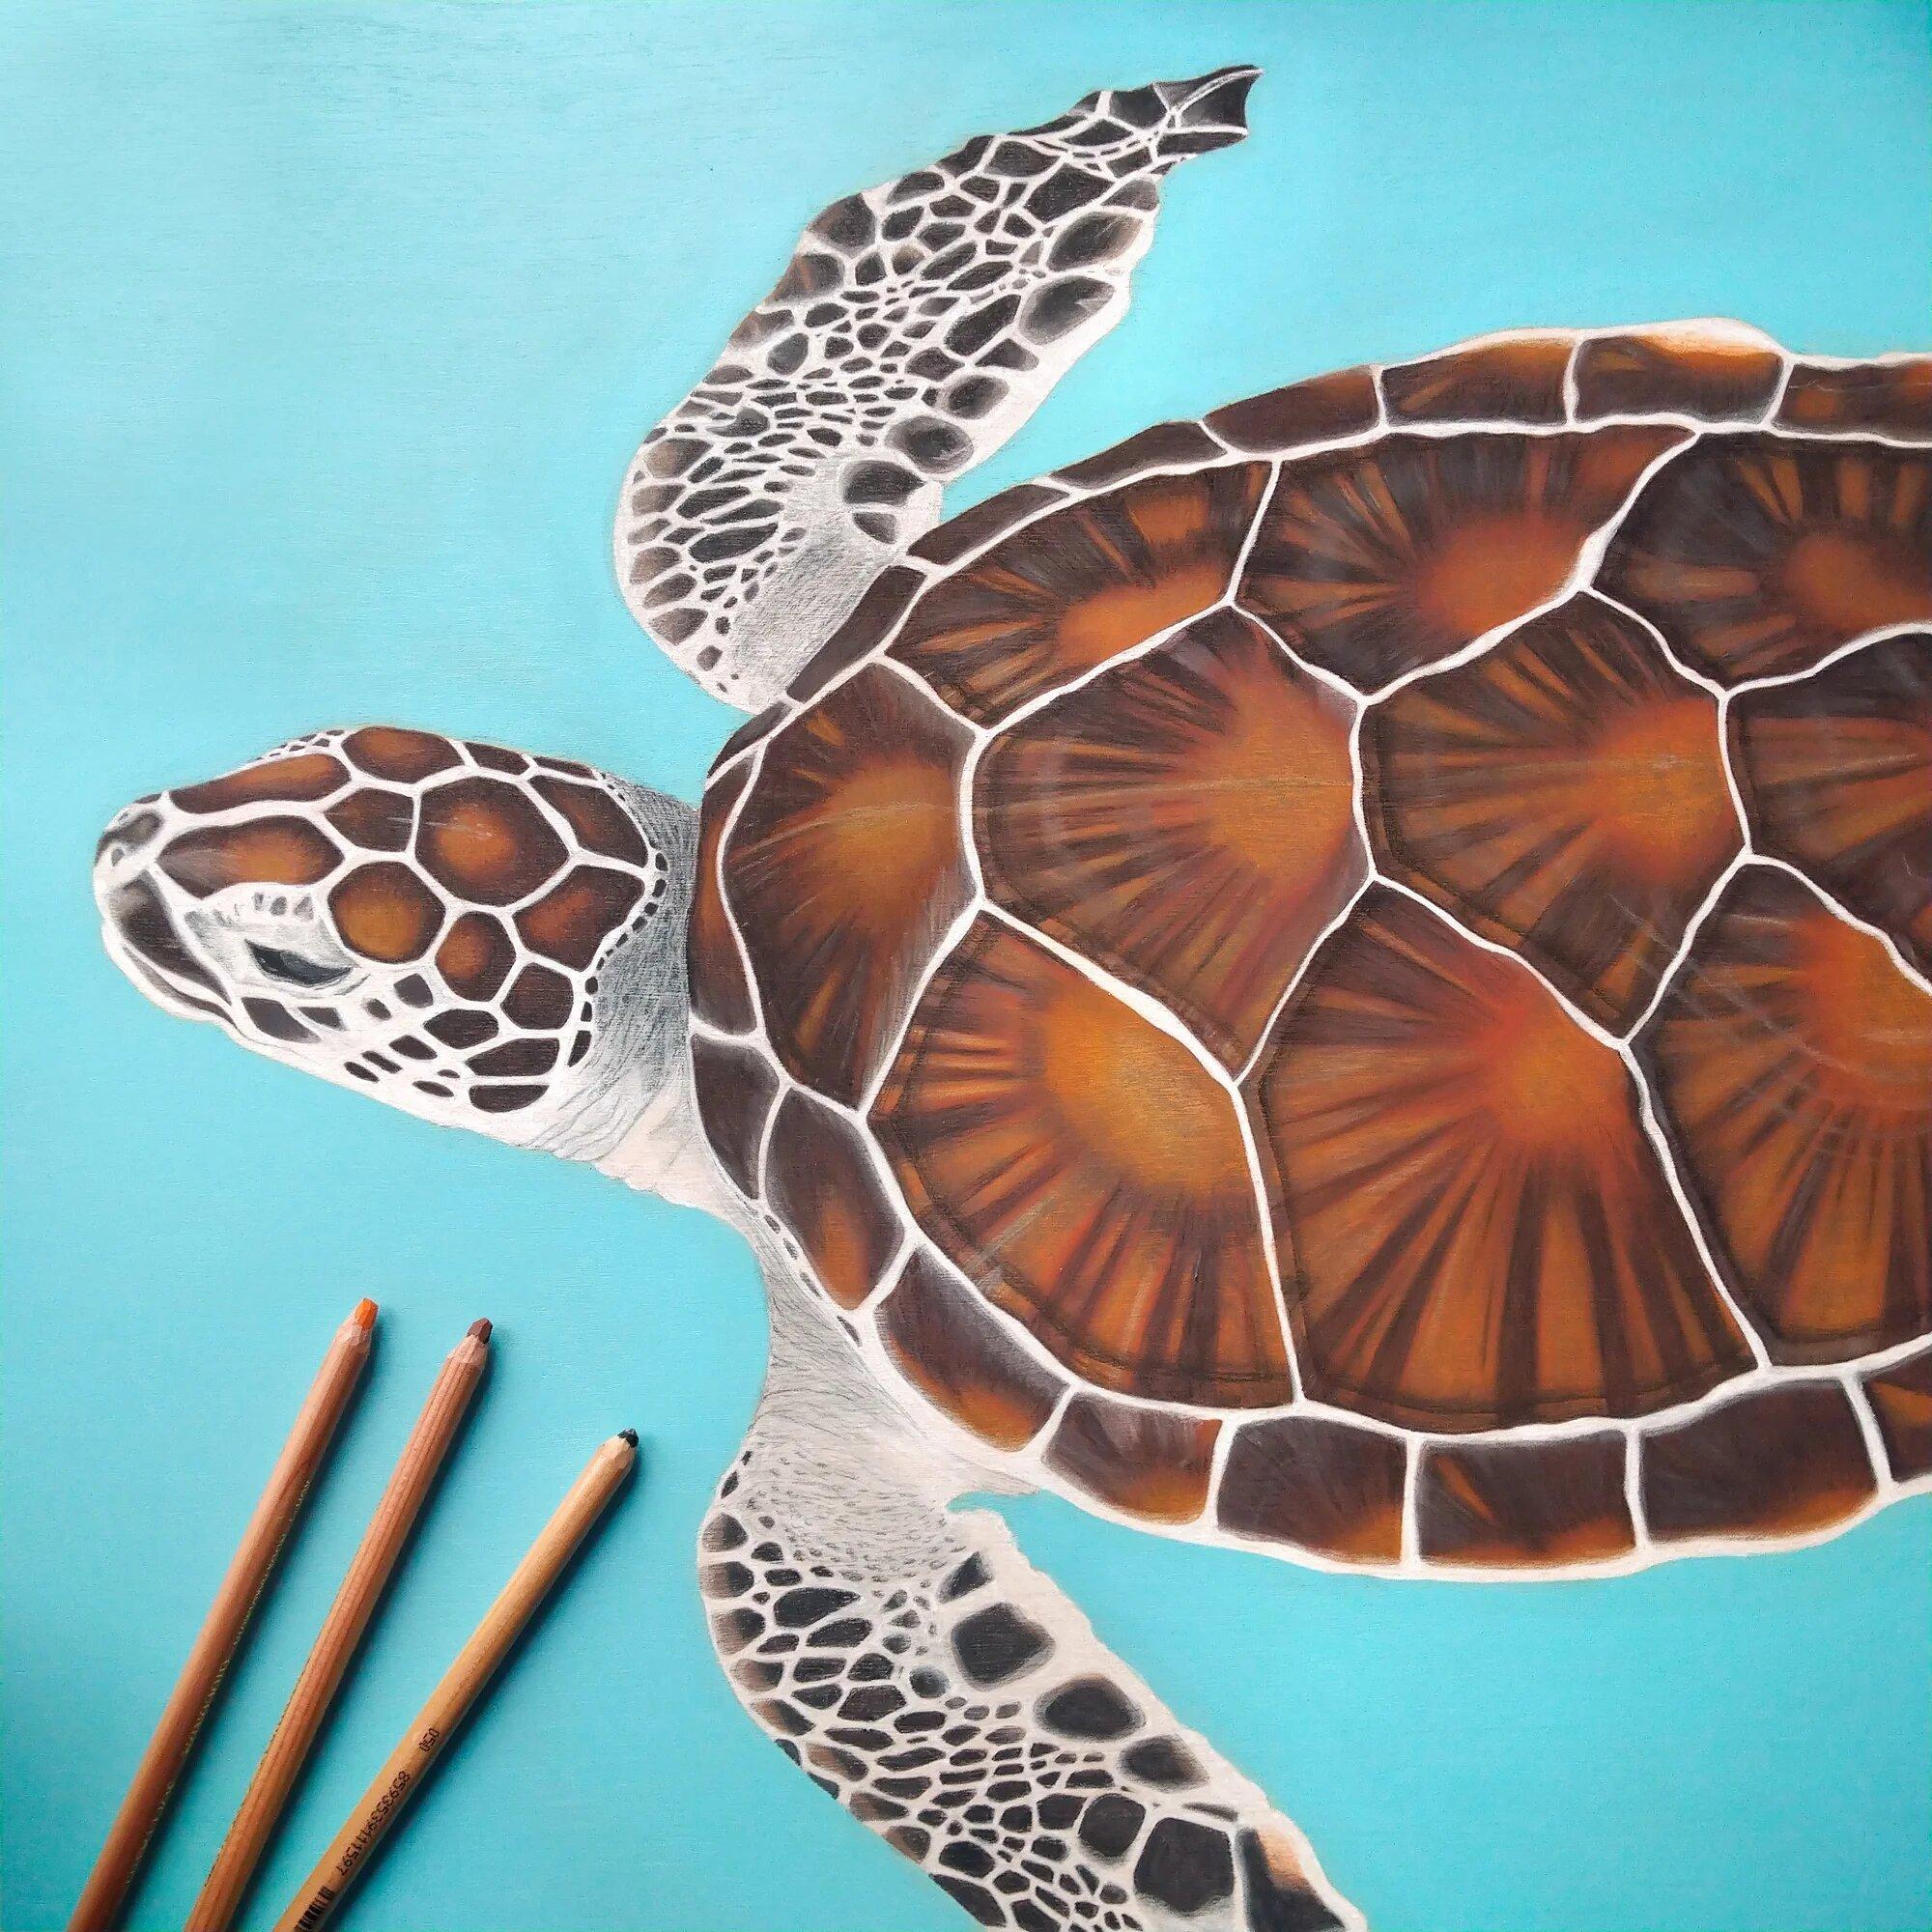 Peinture et dessin d'une tortue de mer sur bois, acrylique et pastels, par l'artiste Aline Belliard.